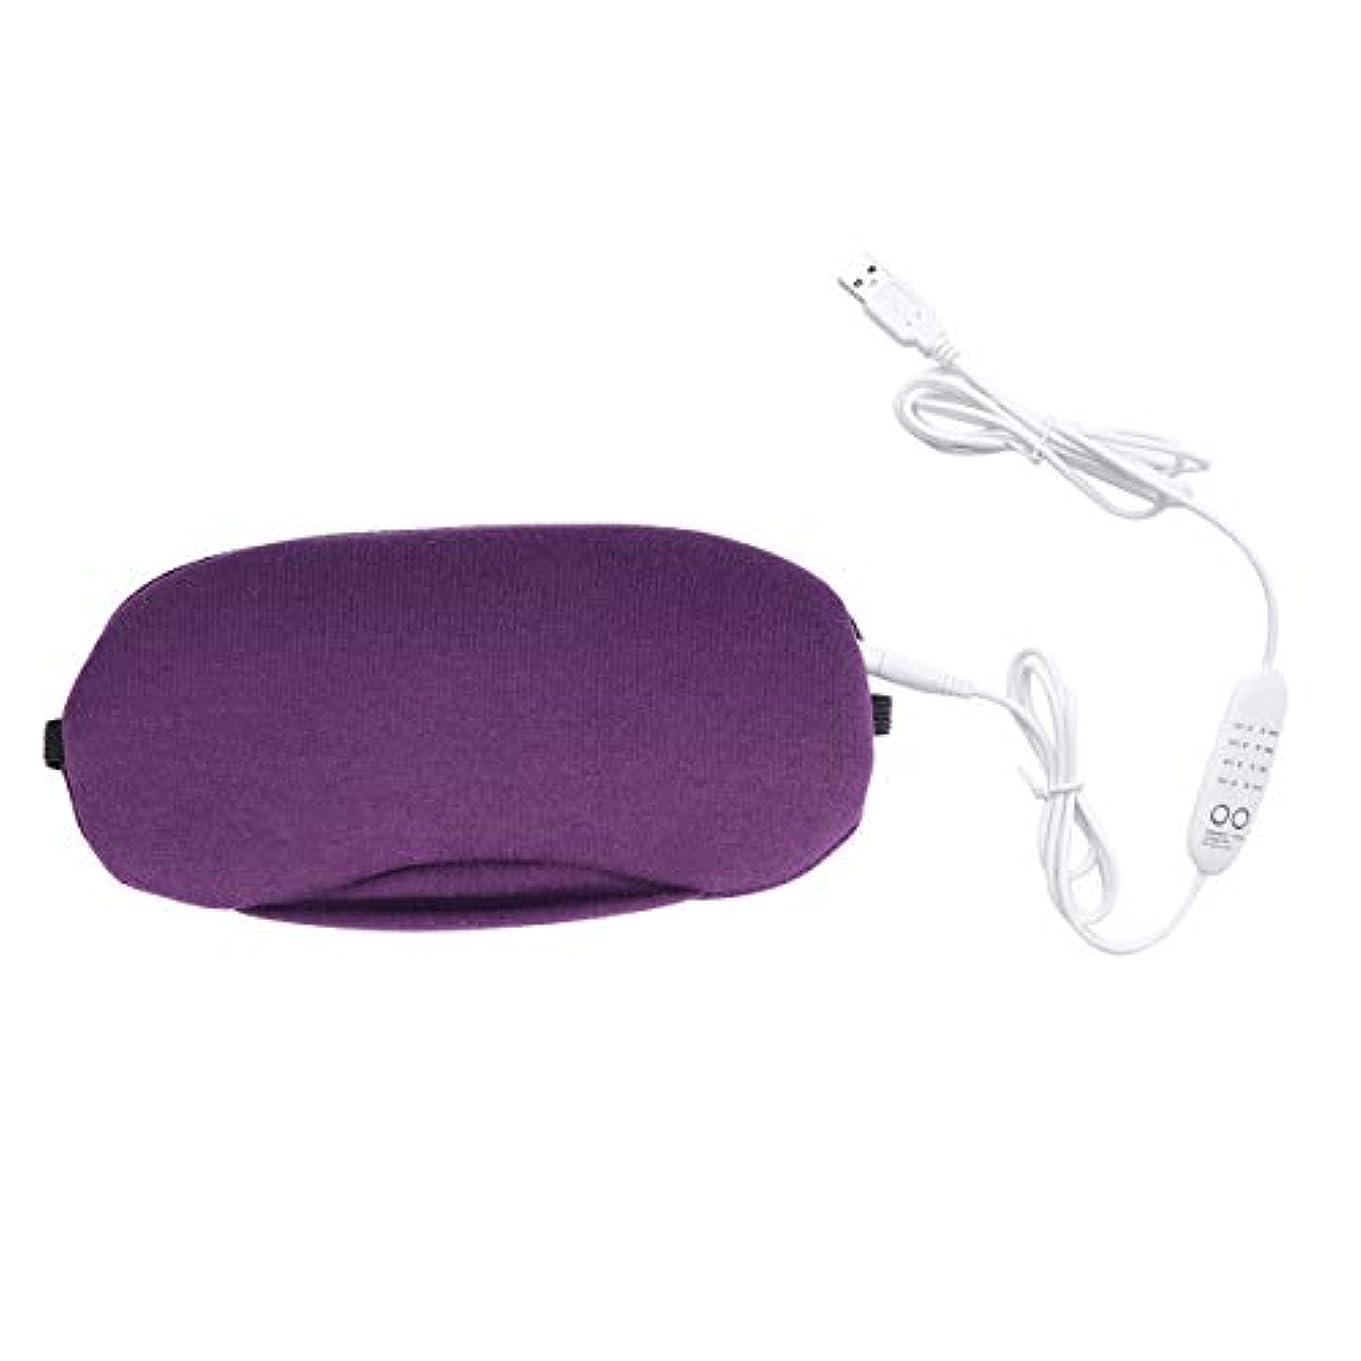 忍耐愛情気分不眠症を和らげるためのHealifty USBスチームアイマスク目隠しホットコンプレッションアイシールドドライアイ疲労(紫色)